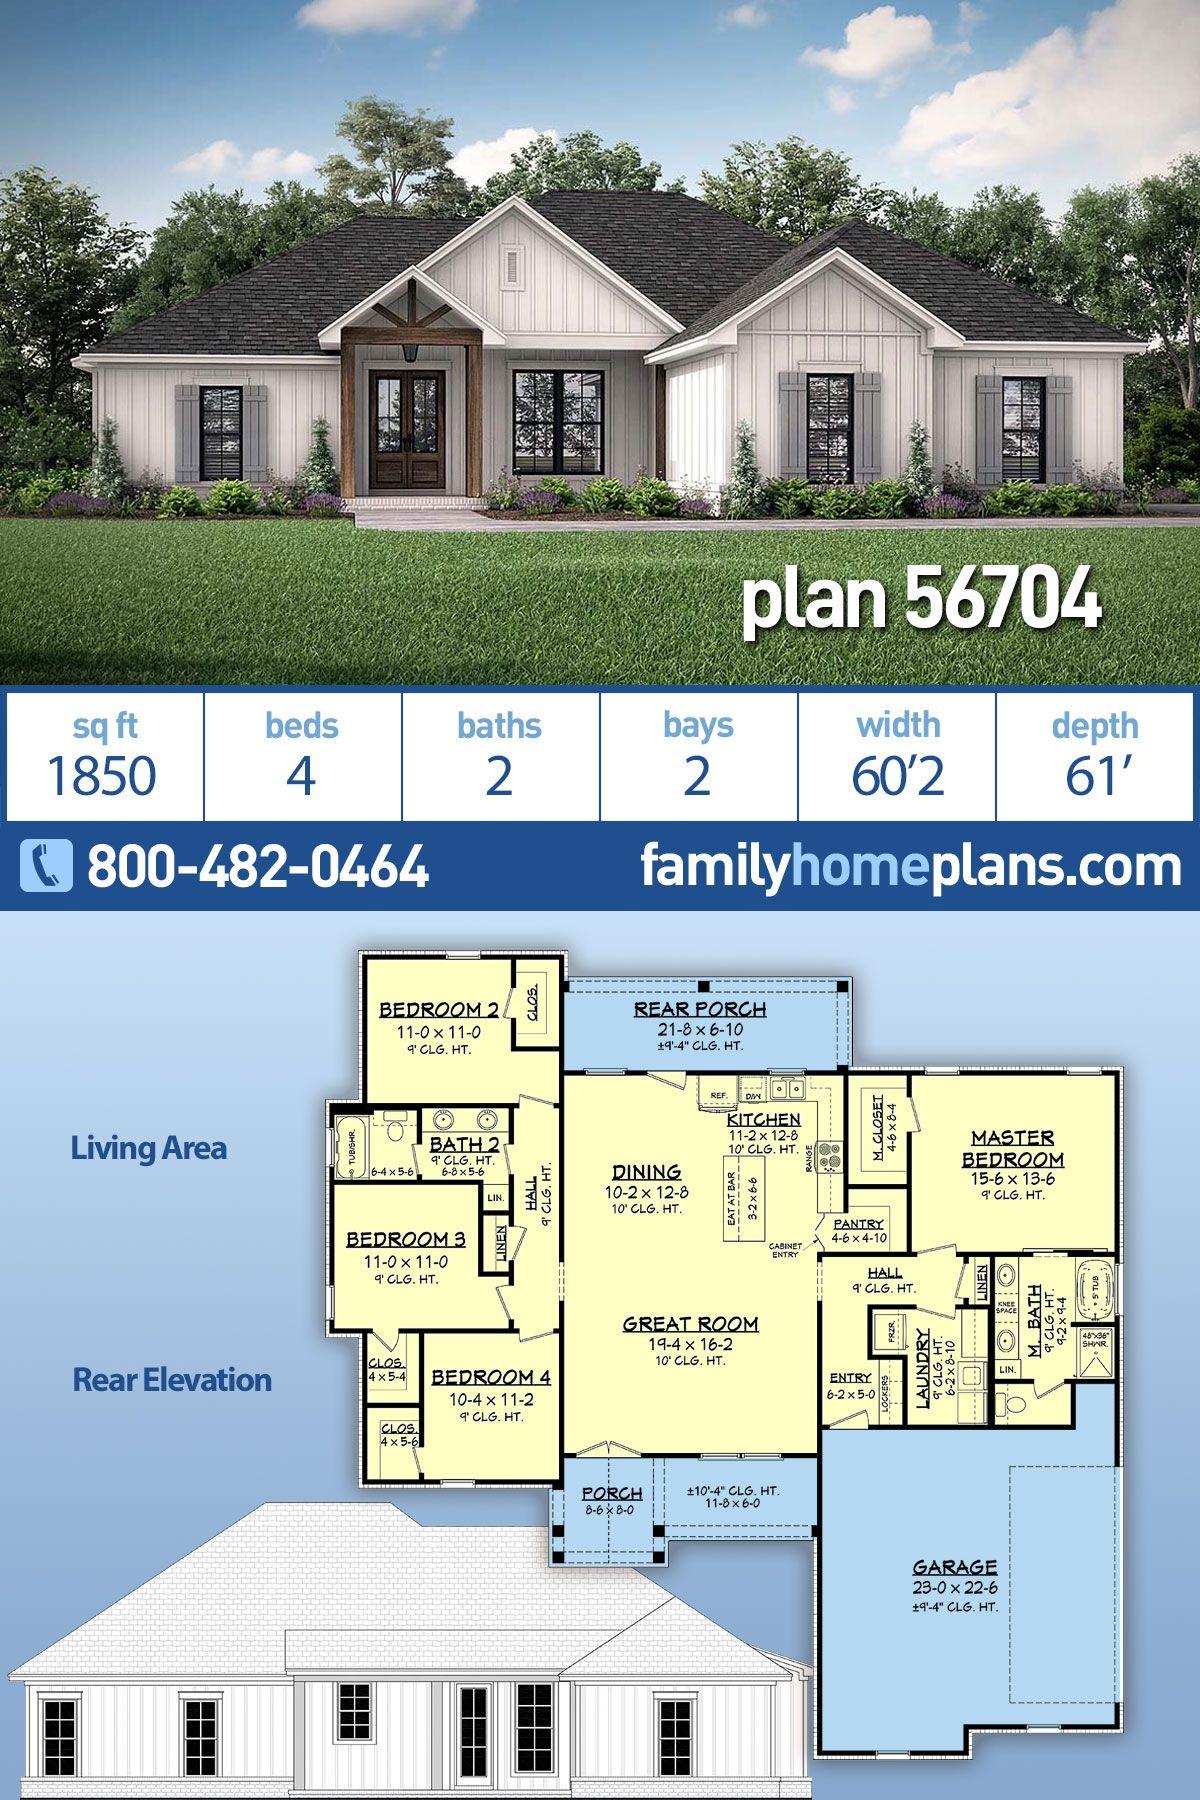 Farmhouse Style House Plan 56704 With 4 Bed 2 Bath 2 Car Garage Family House Plans Farmhouse Style House Farmhouse Style House Plans